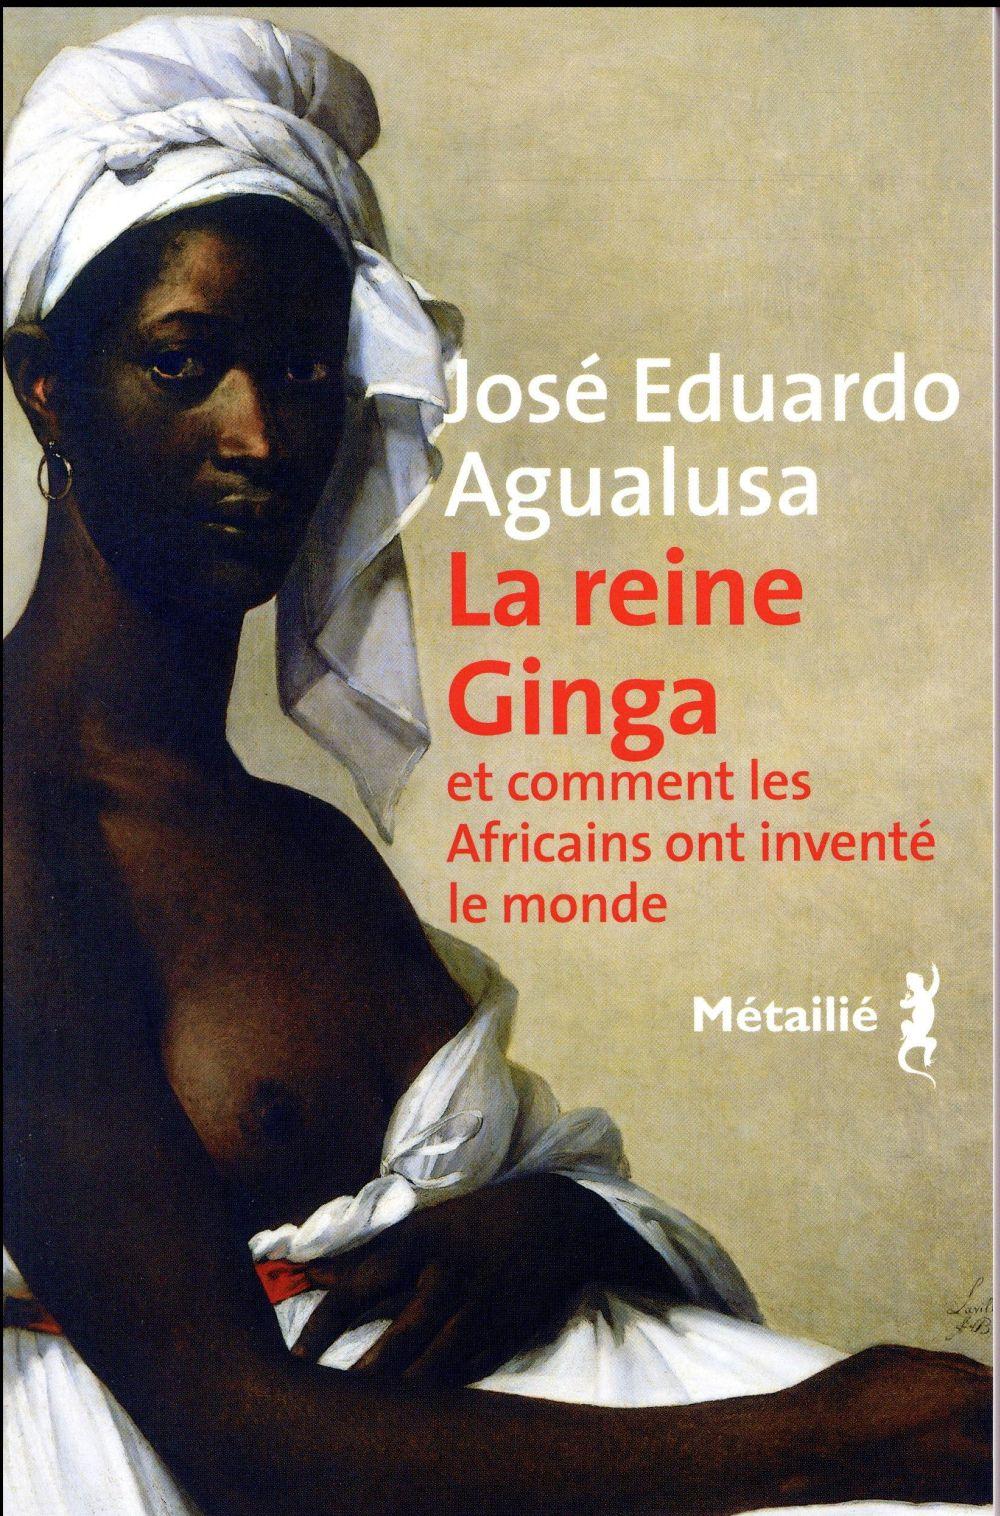 La reine Ginga et comment les Africains ont inventé le monde